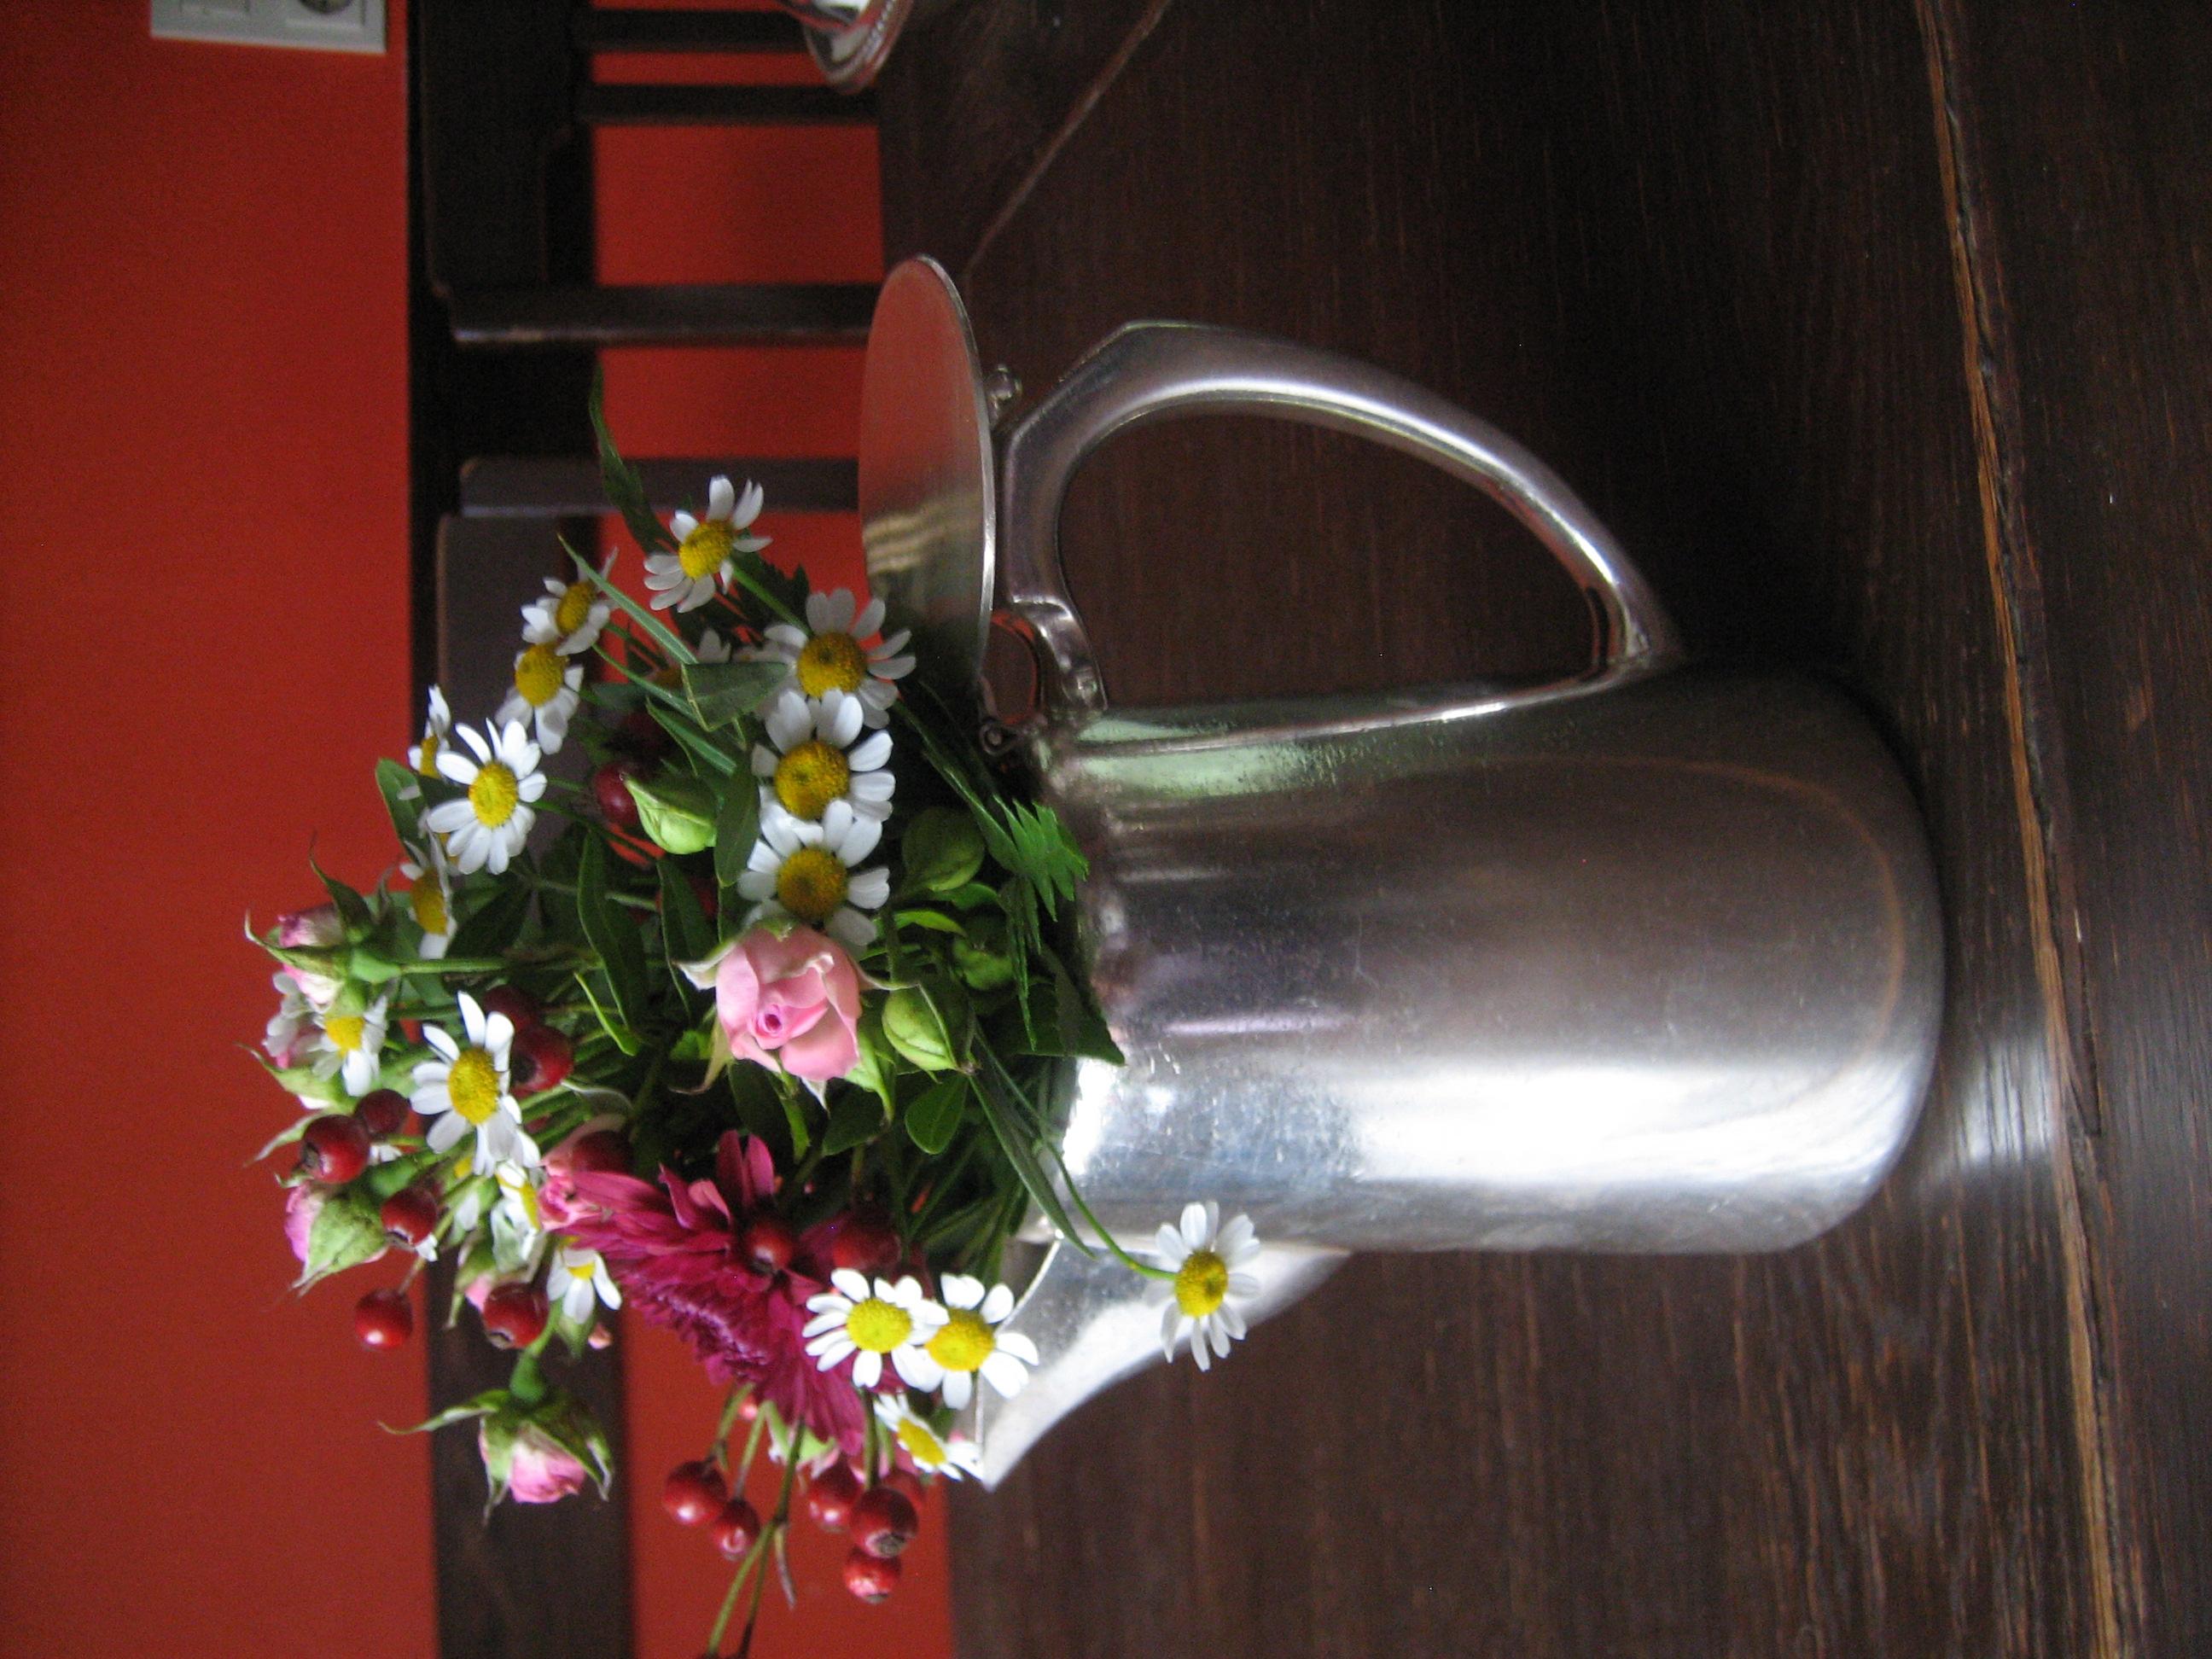 Schlichte Edle Britische Teekanne Tolle Blumen Deko Als Rosenvase